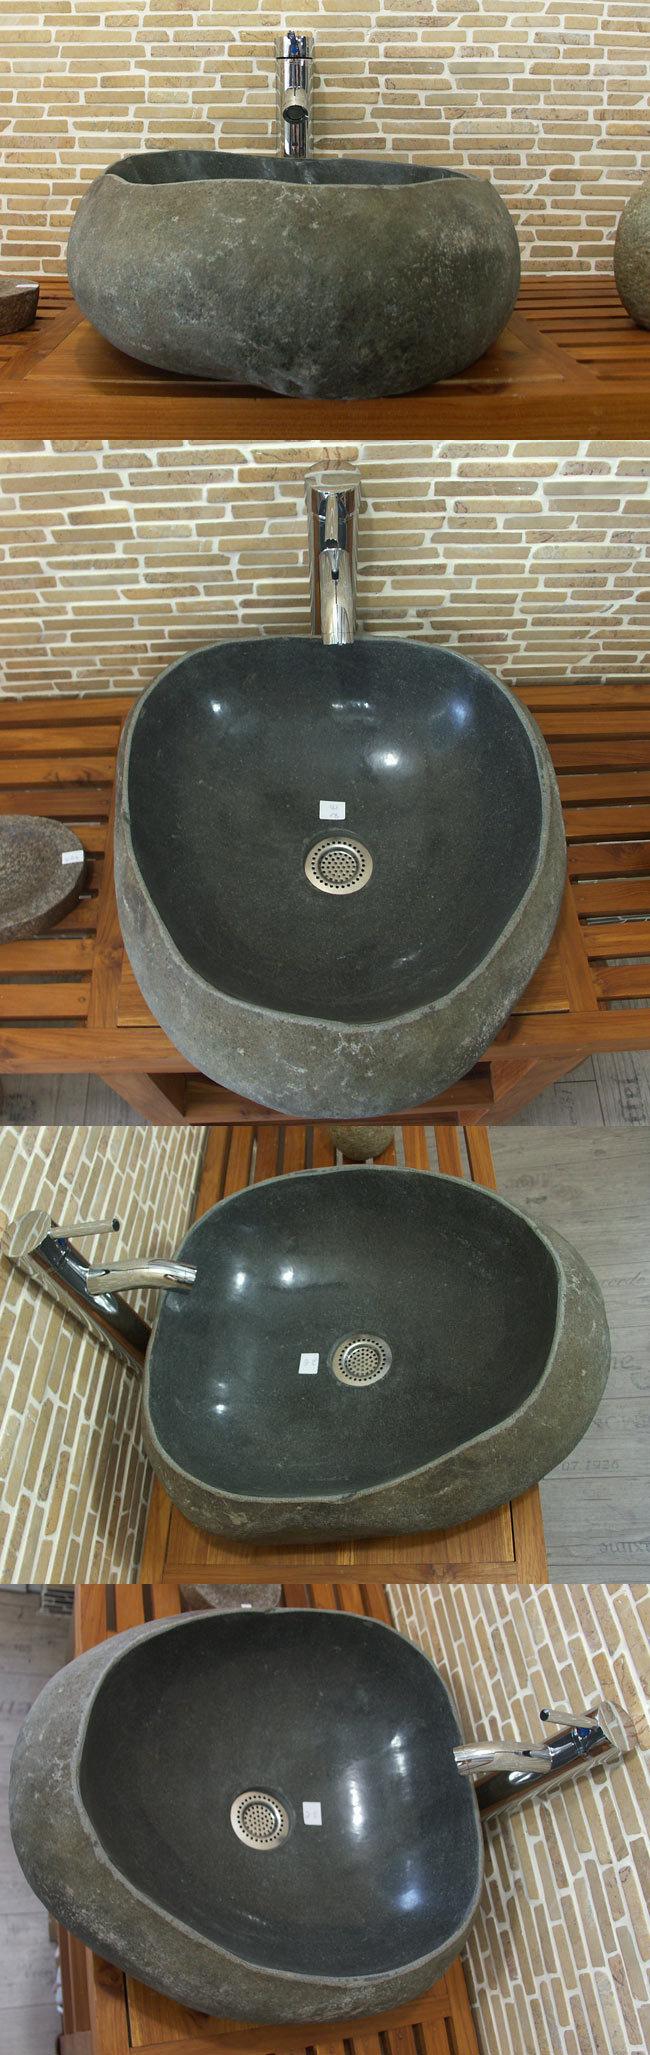 waschbecken aus flussstein bafs 2e ein unikat f r ihr bad. Black Bedroom Furniture Sets. Home Design Ideas